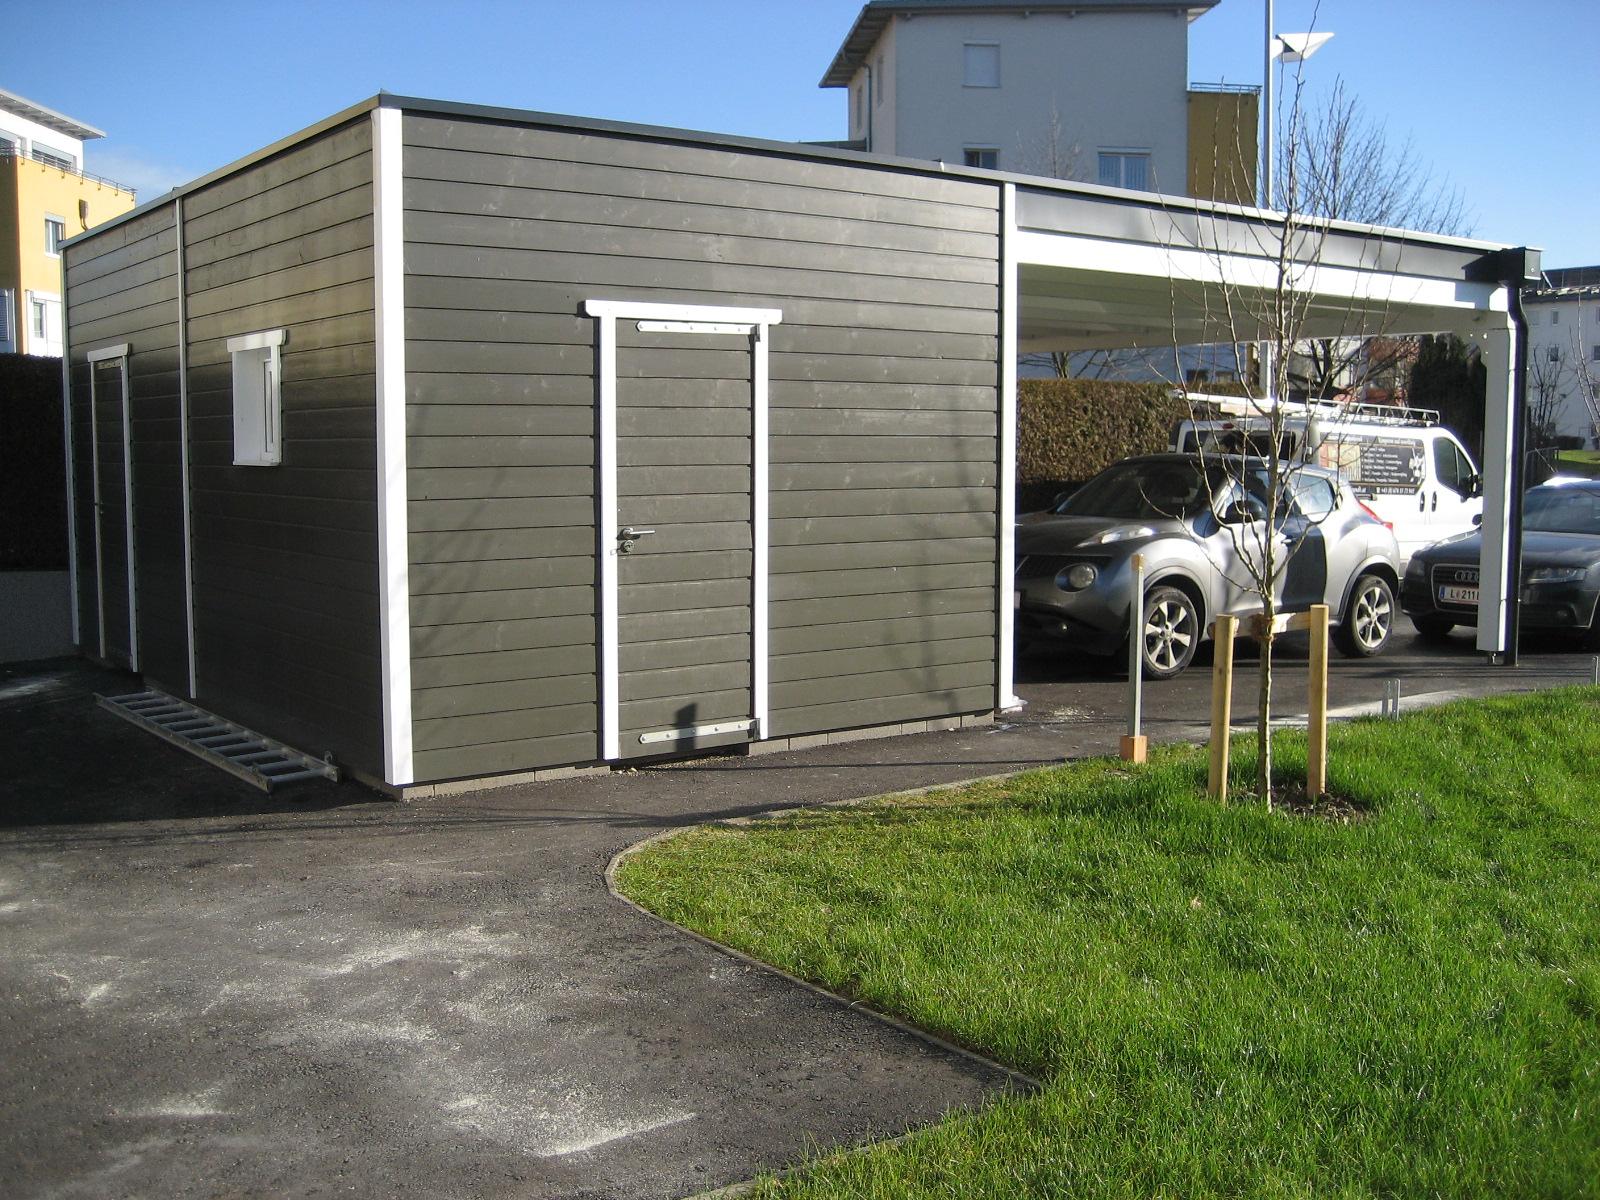 Carport Flachdach mit gedämmten Abstellraum & Werkstatt